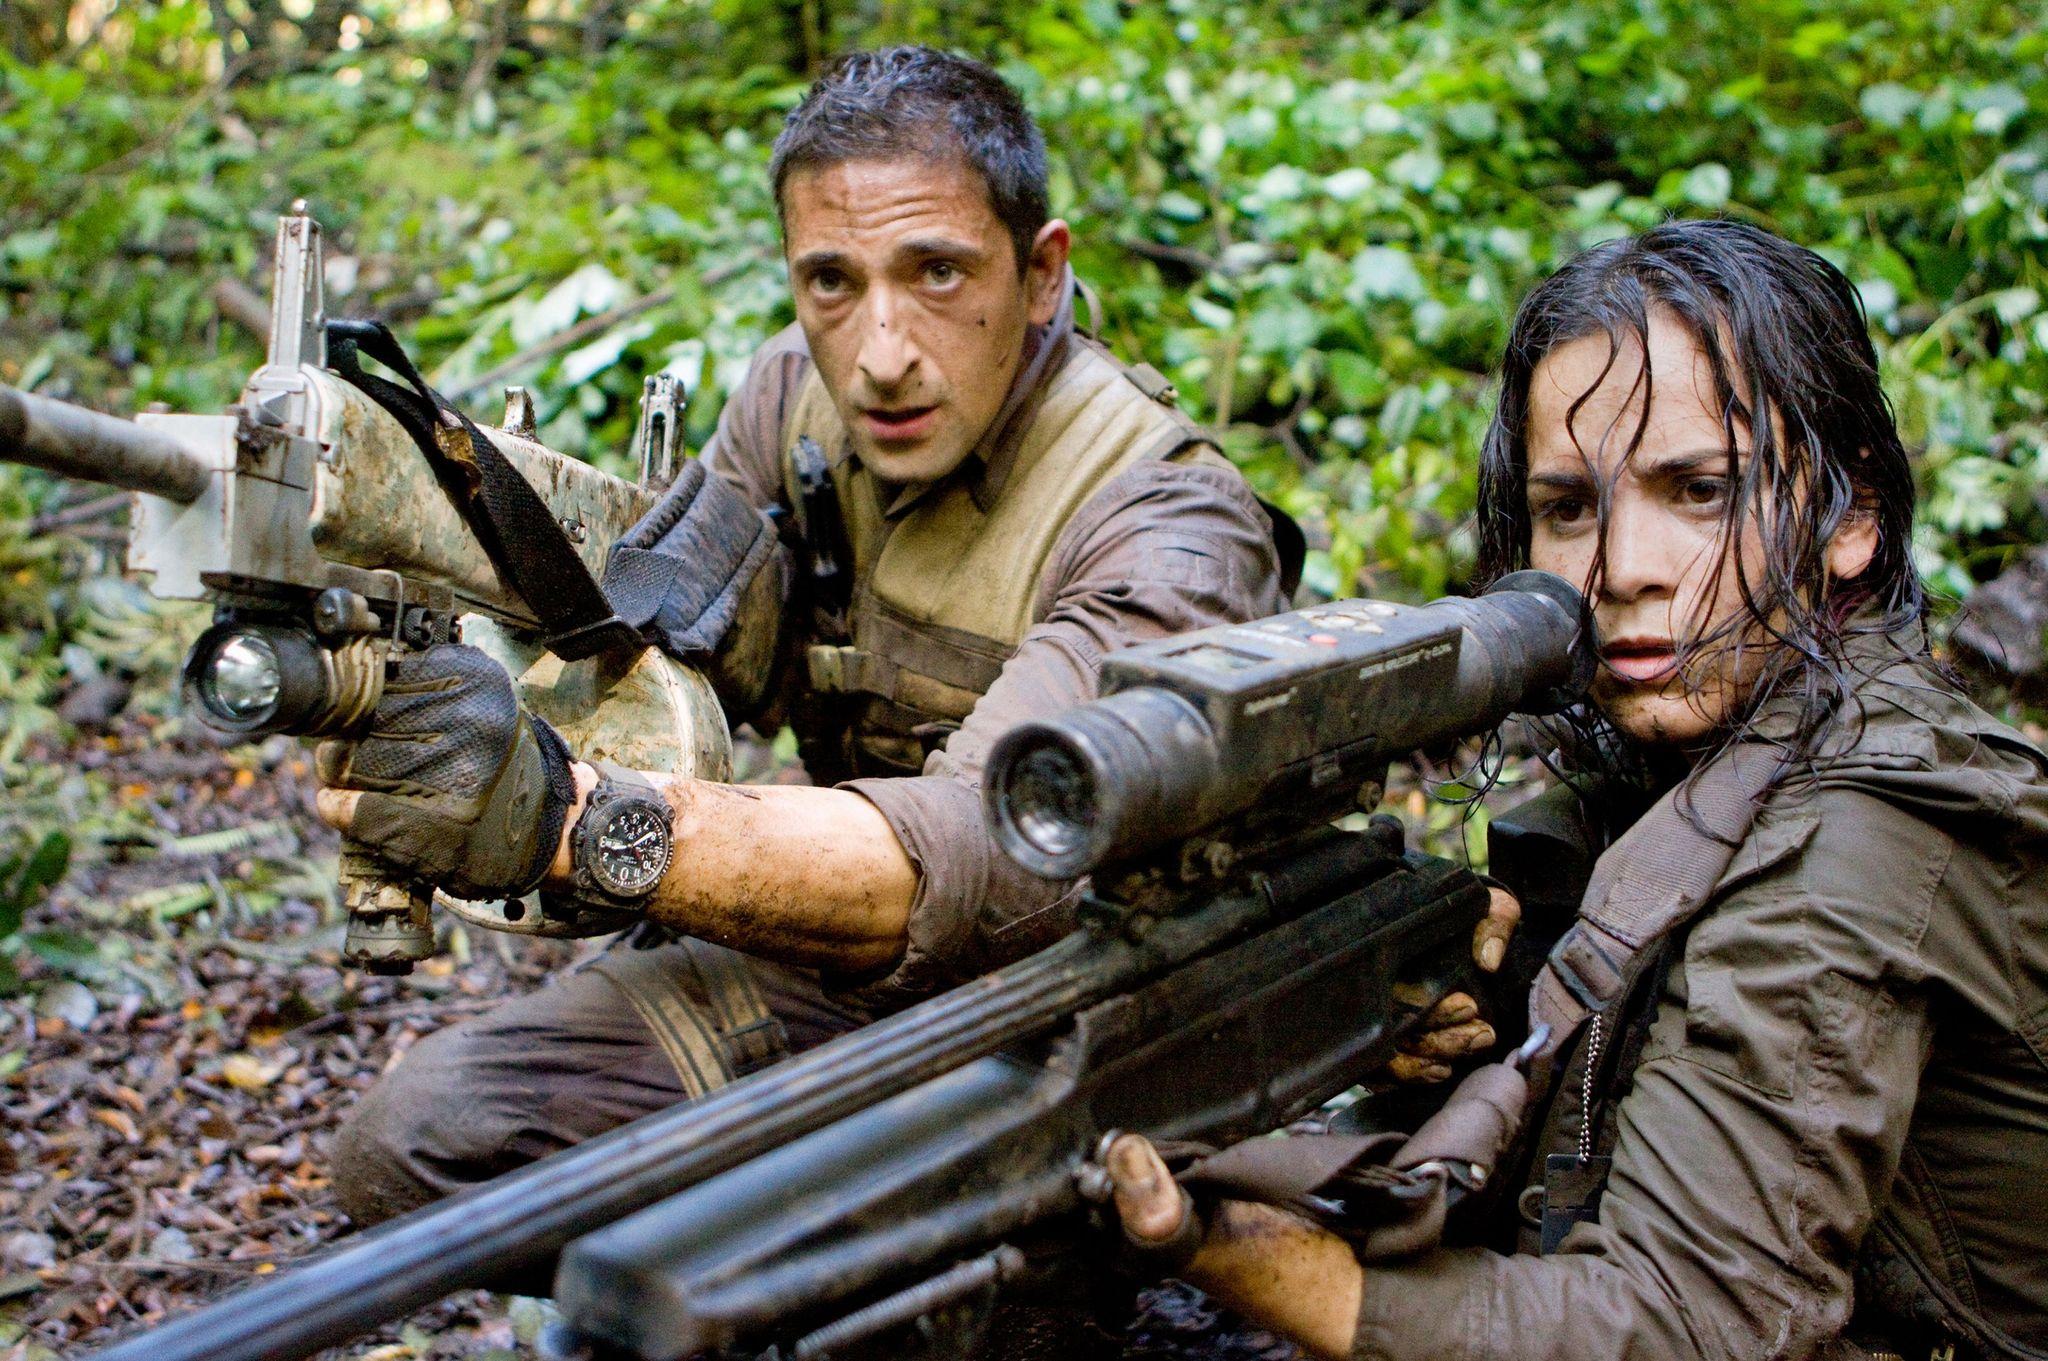 Adrien Brody and Alice Braga in Predators (2010)